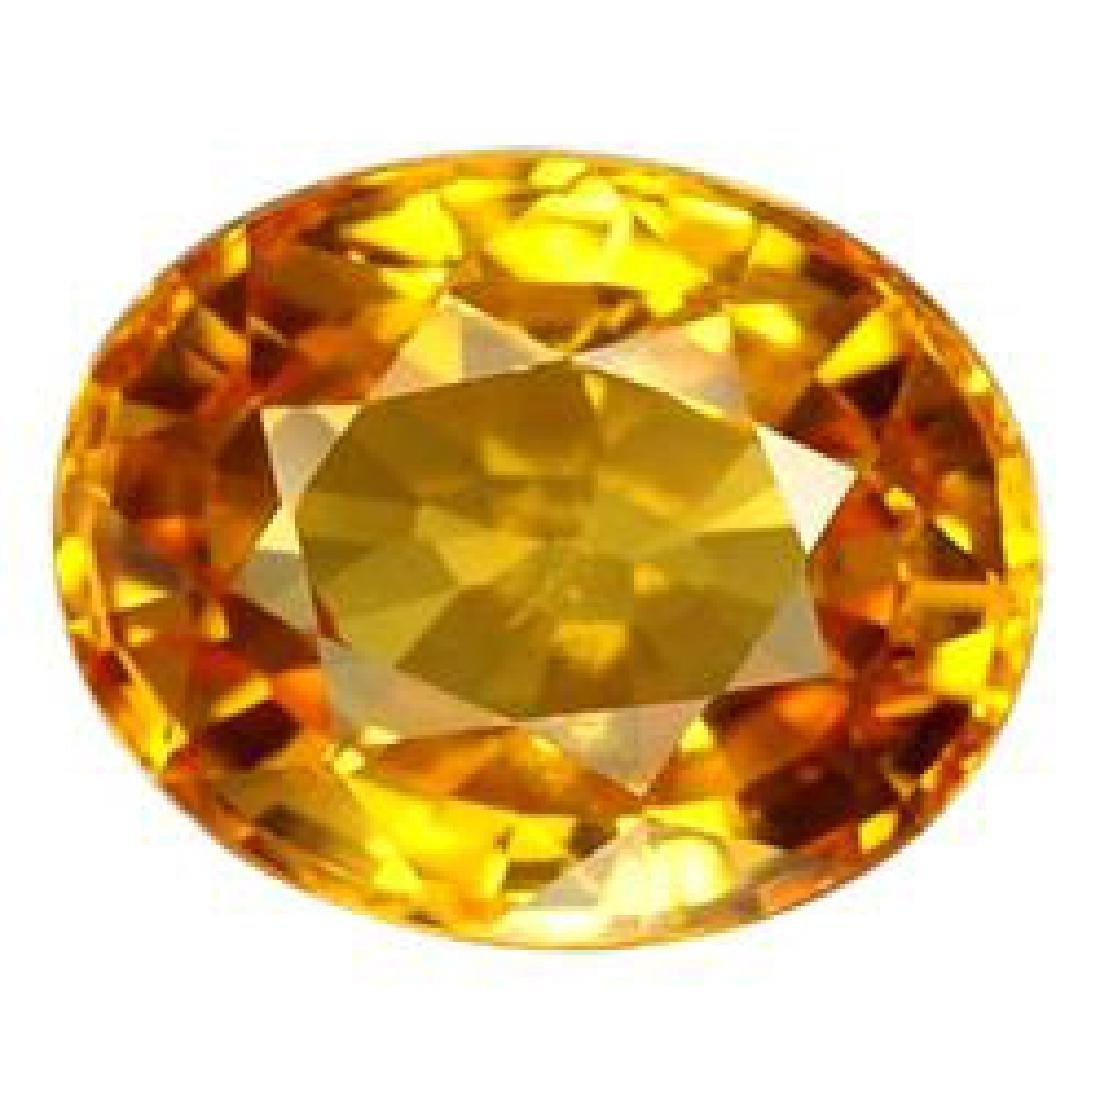 Natural Golden Yellow Sapphire 2.06 Cts - VVS